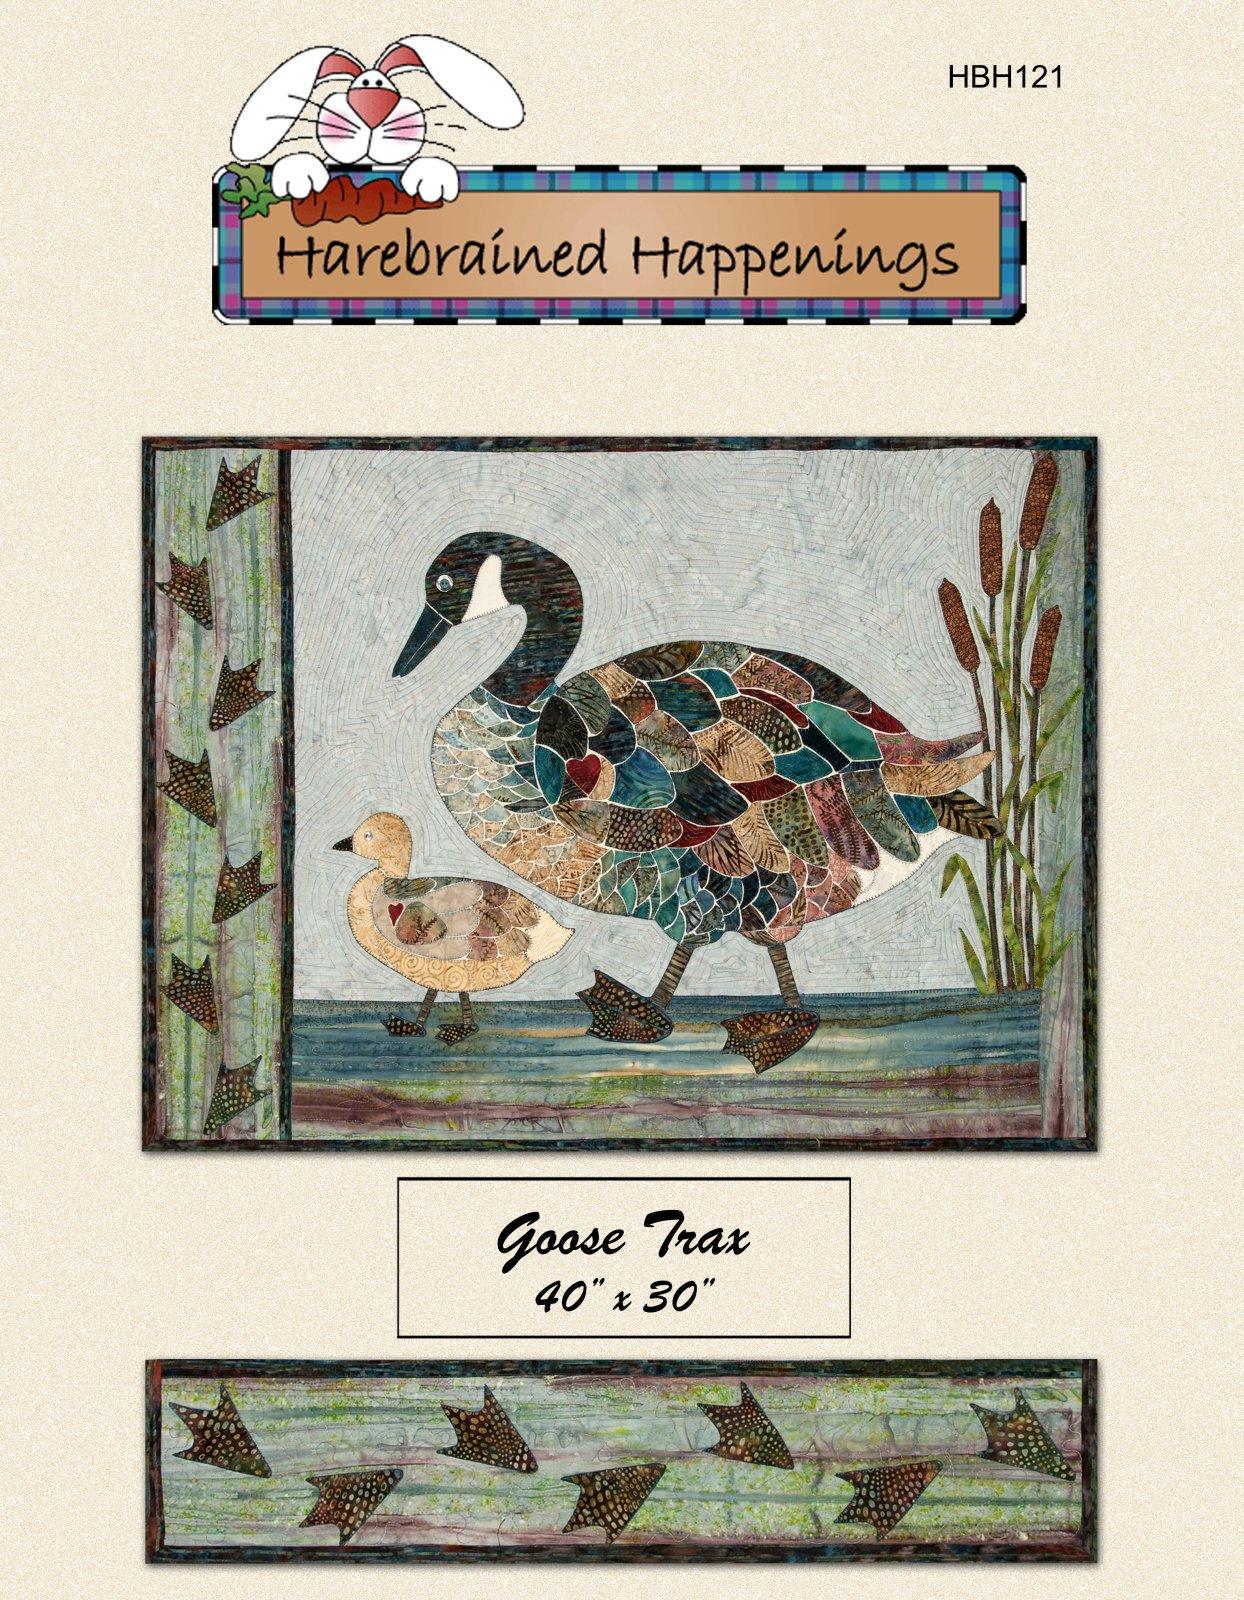 HBH121 Goose Trax